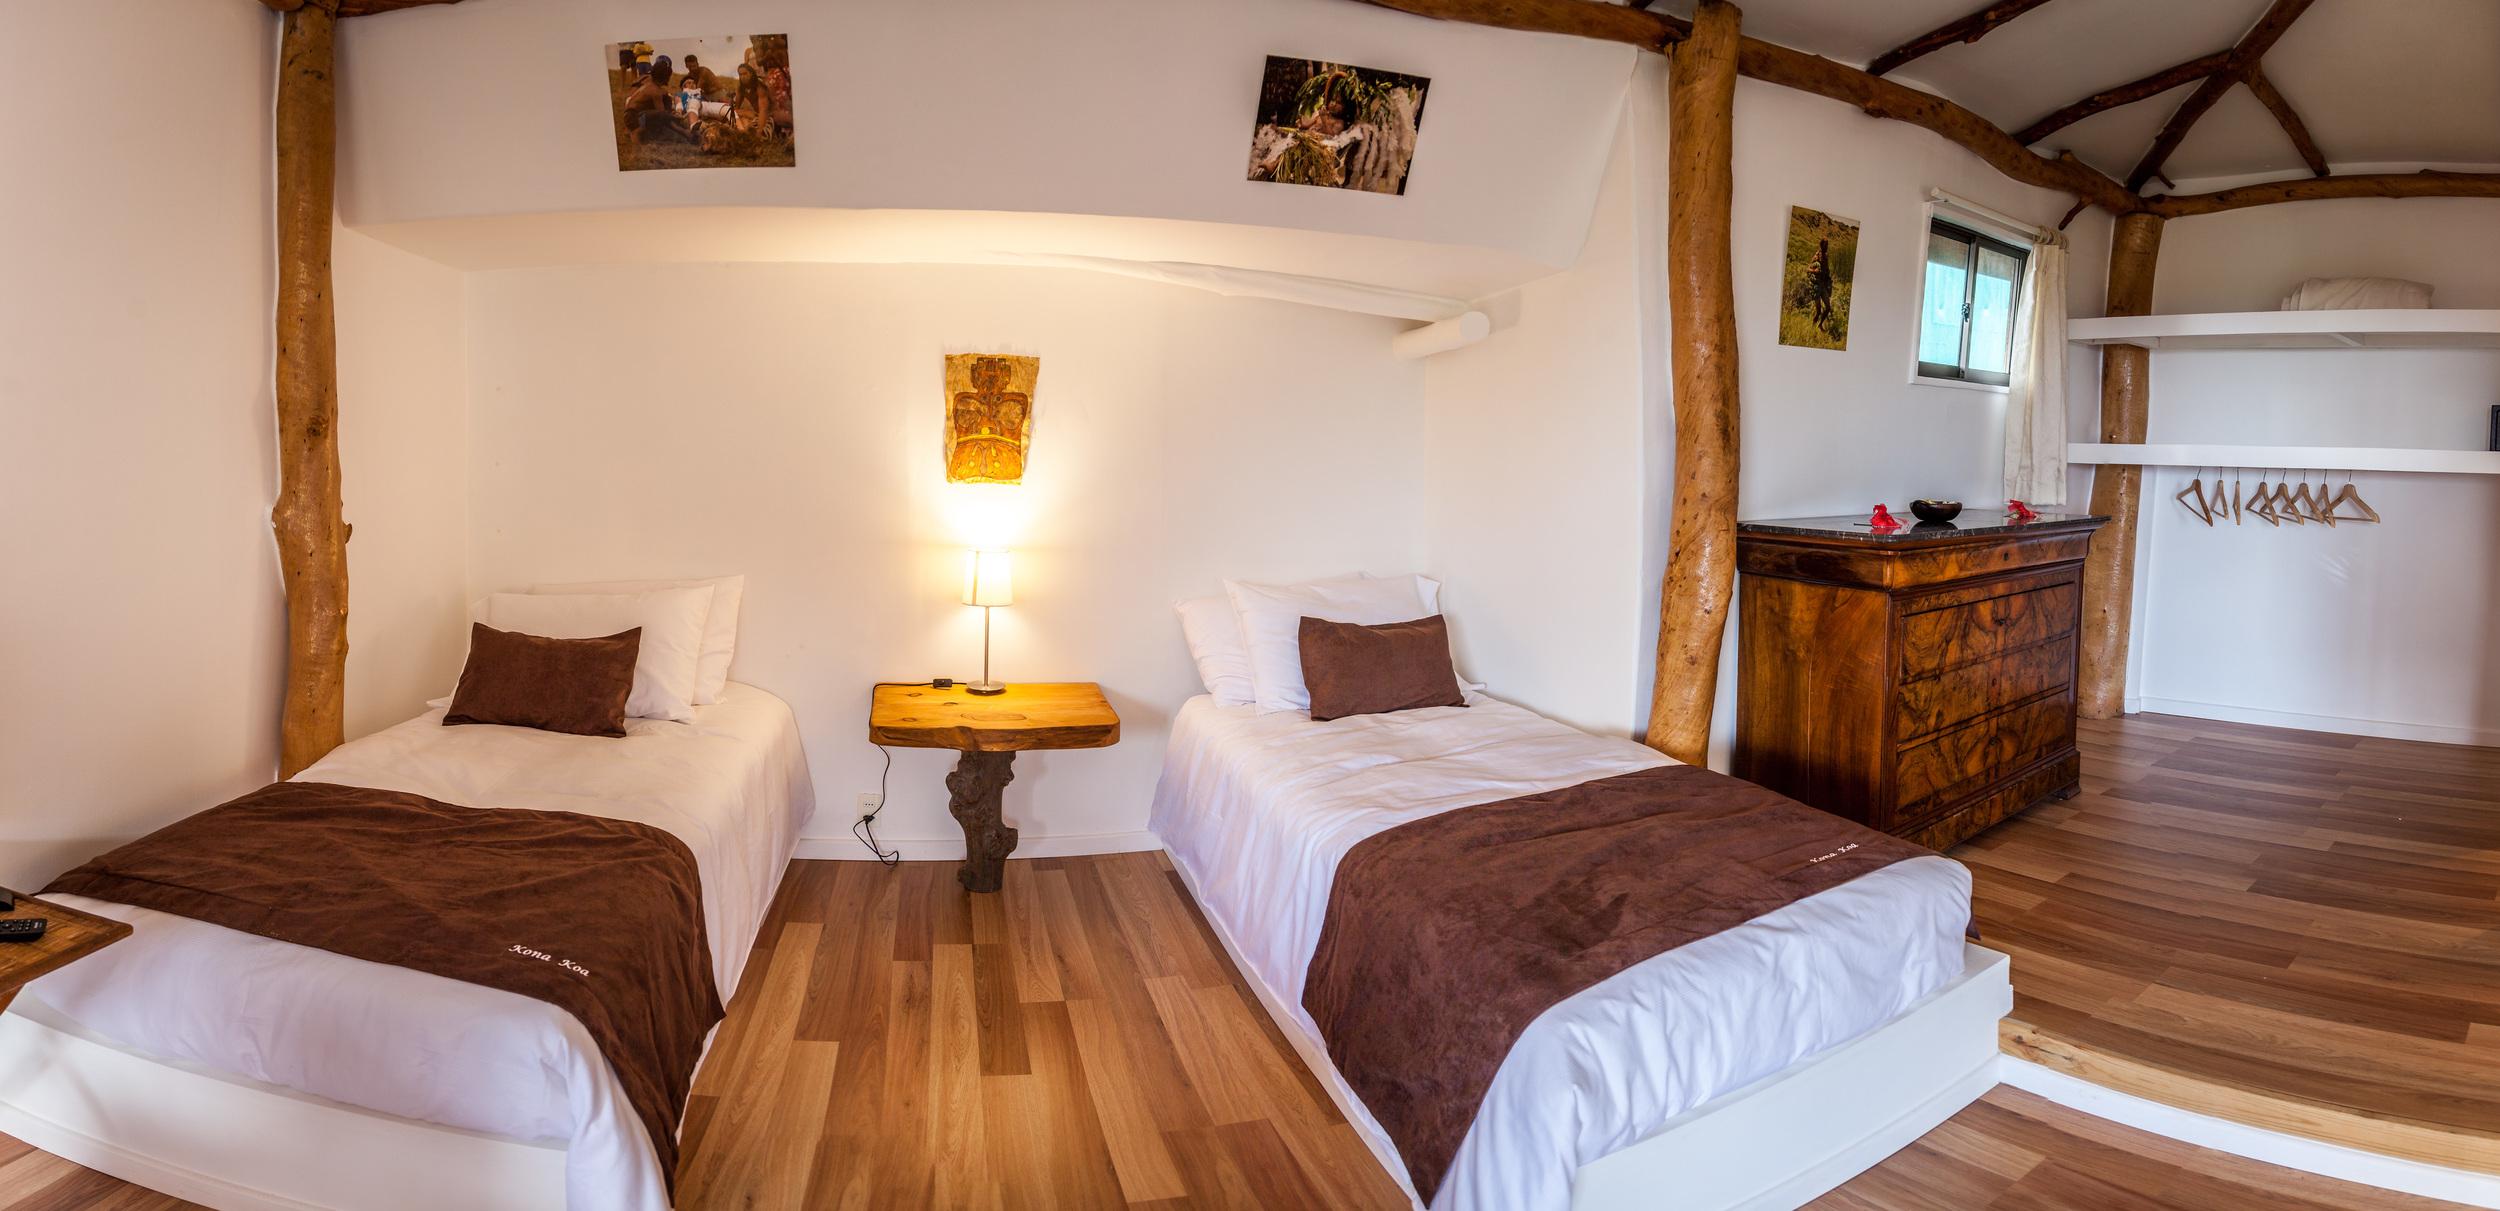 alojamiento en isla de pascua - Cabanas - Kona Koa Lodge 2